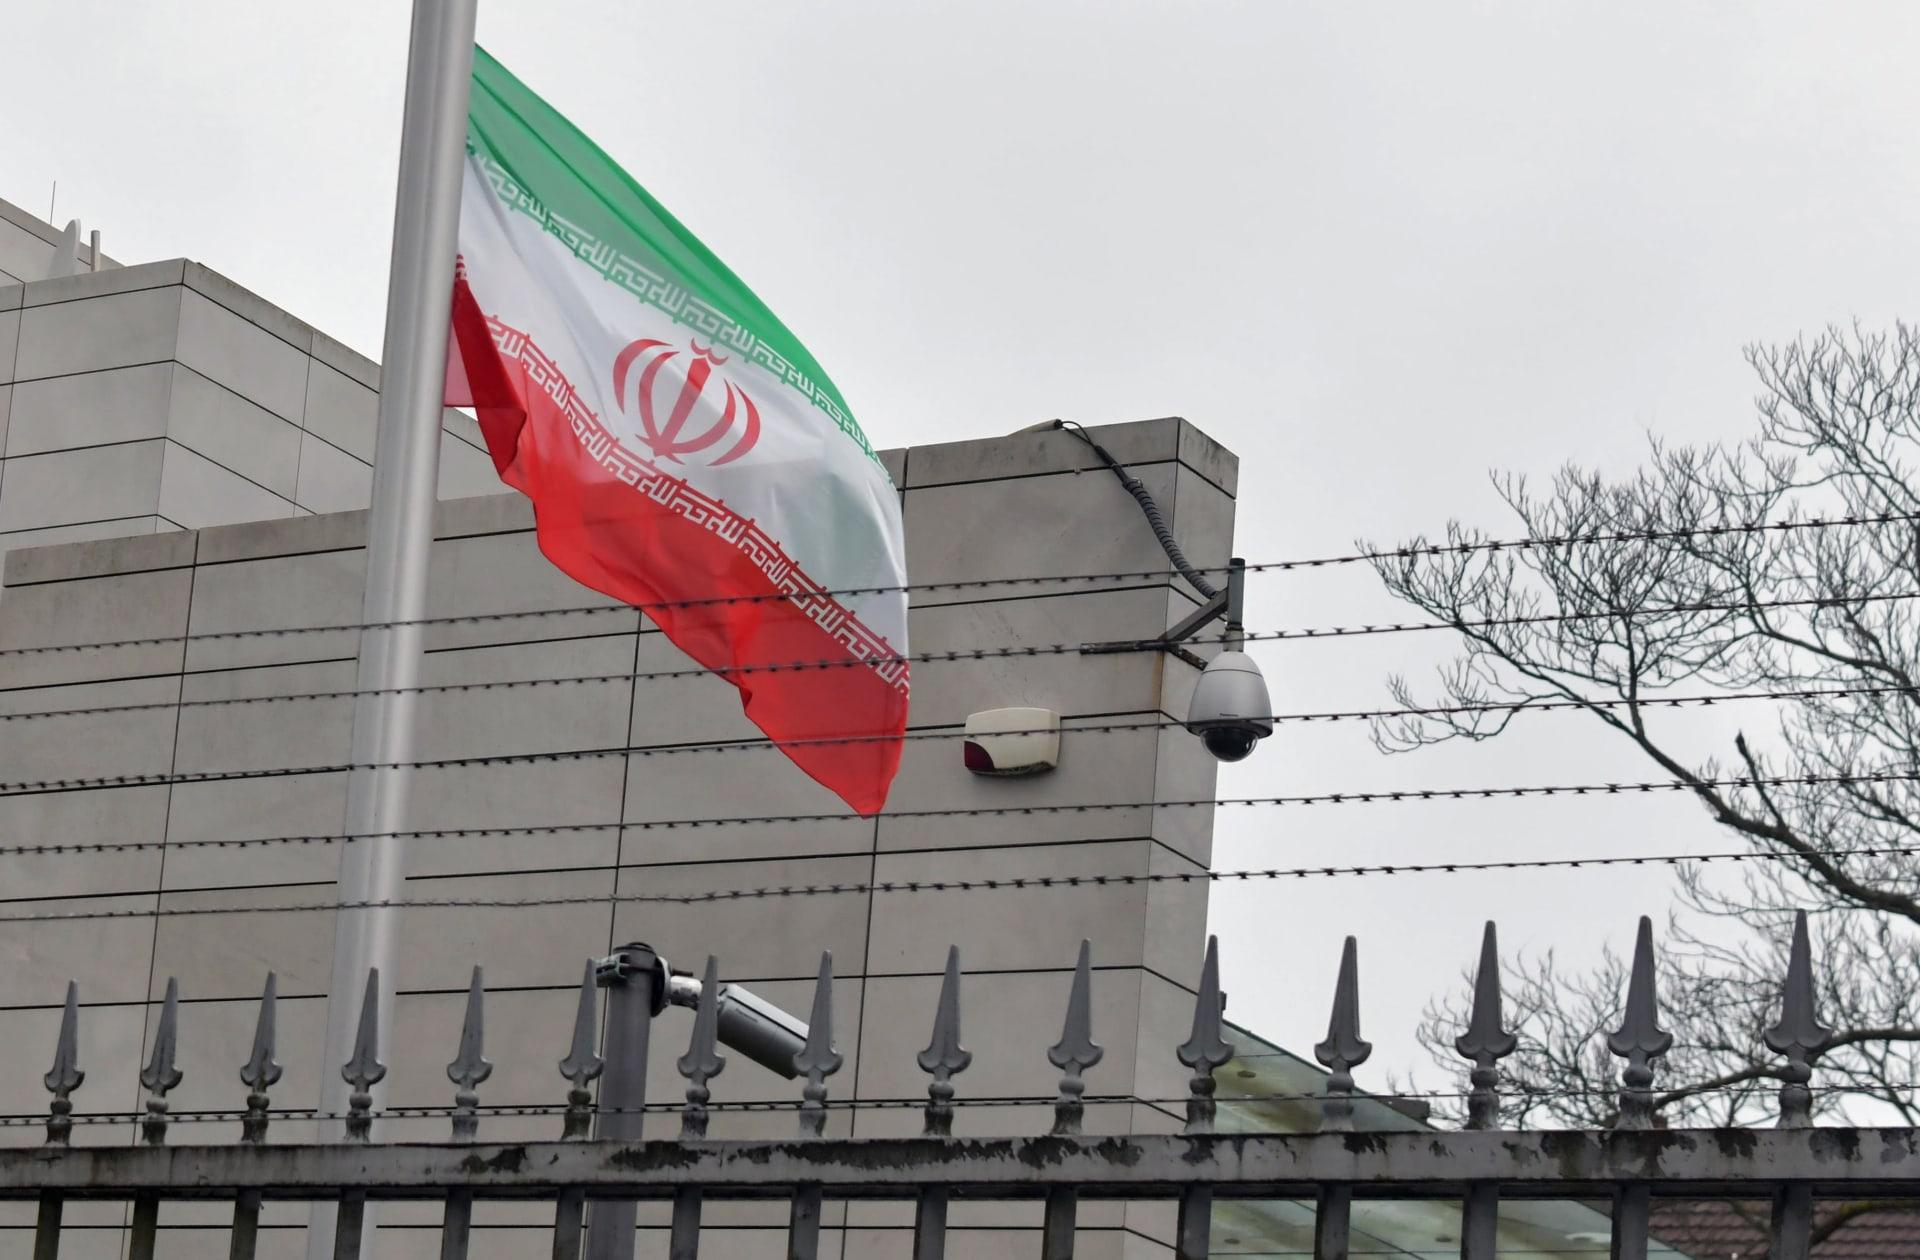 إيران.. حريق يتسبب بانفجار شاحنات تحمل الوقود في كرمانشاه والأسباب مجهولة